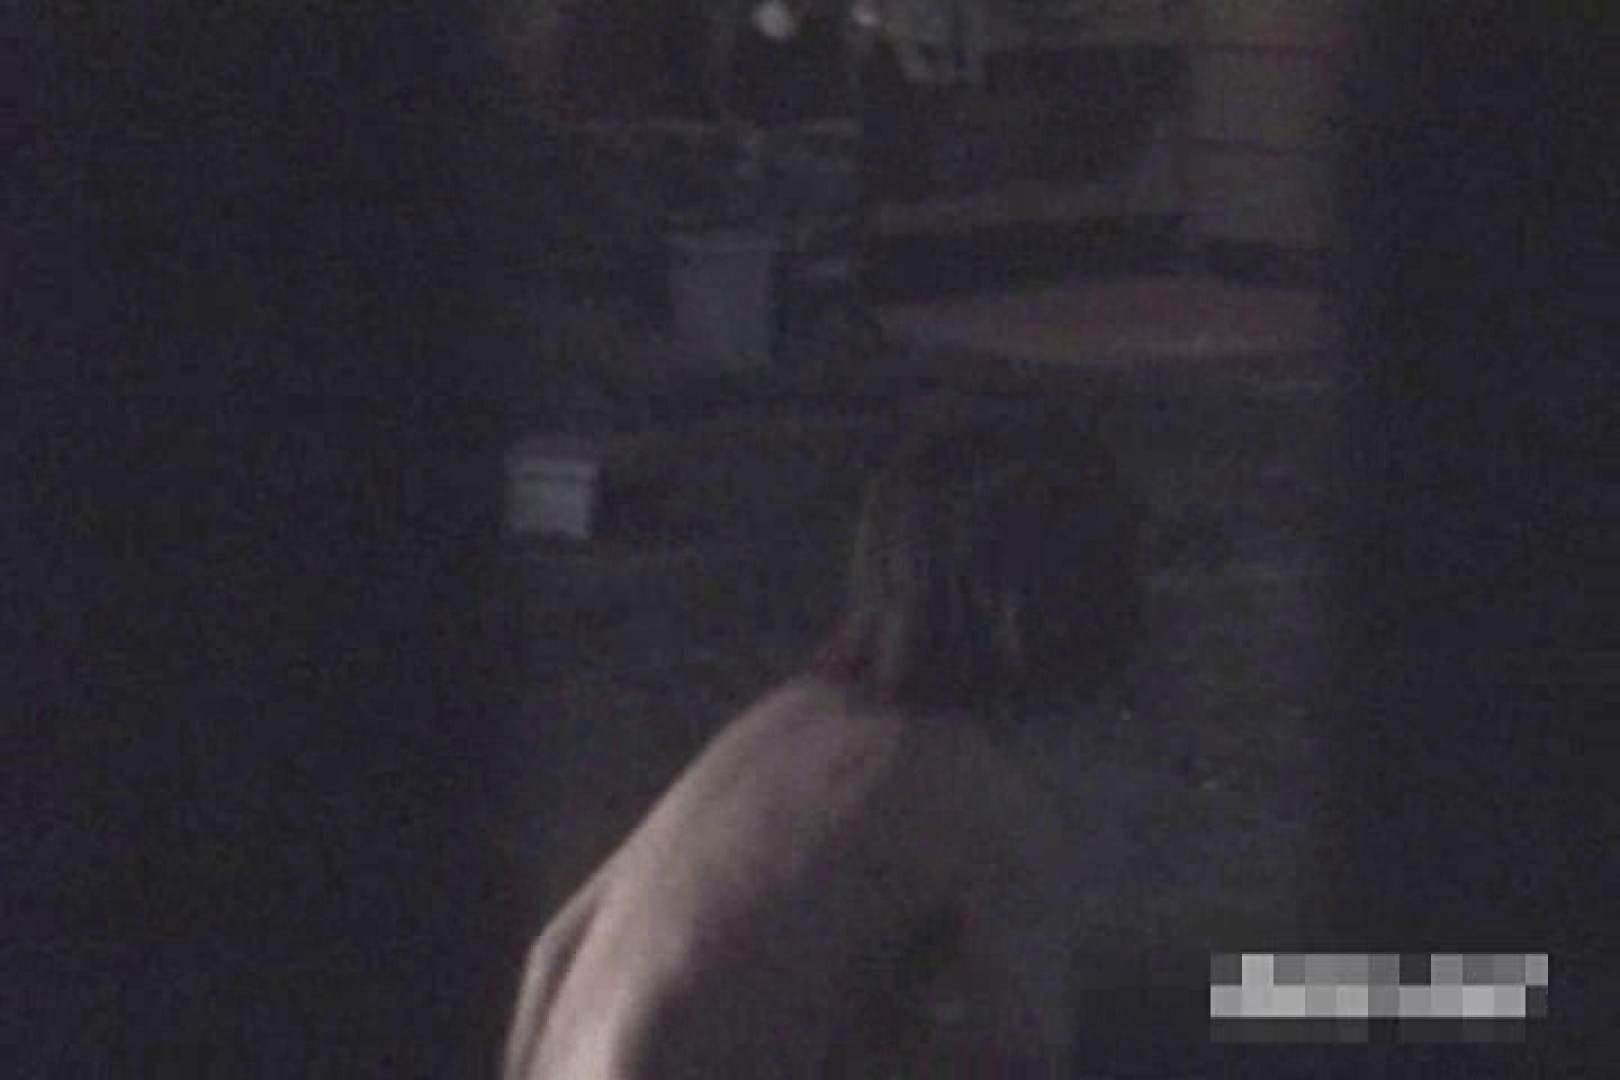 深夜の撮影会Vol.4 お姉さんヌード 盗撮ヌード画像 90画像 76